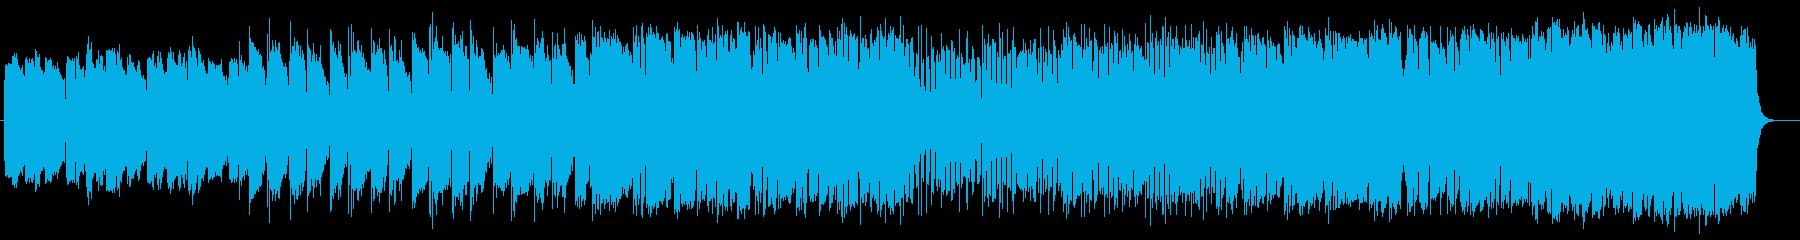 雄大で神秘的なミュージックの再生済みの波形